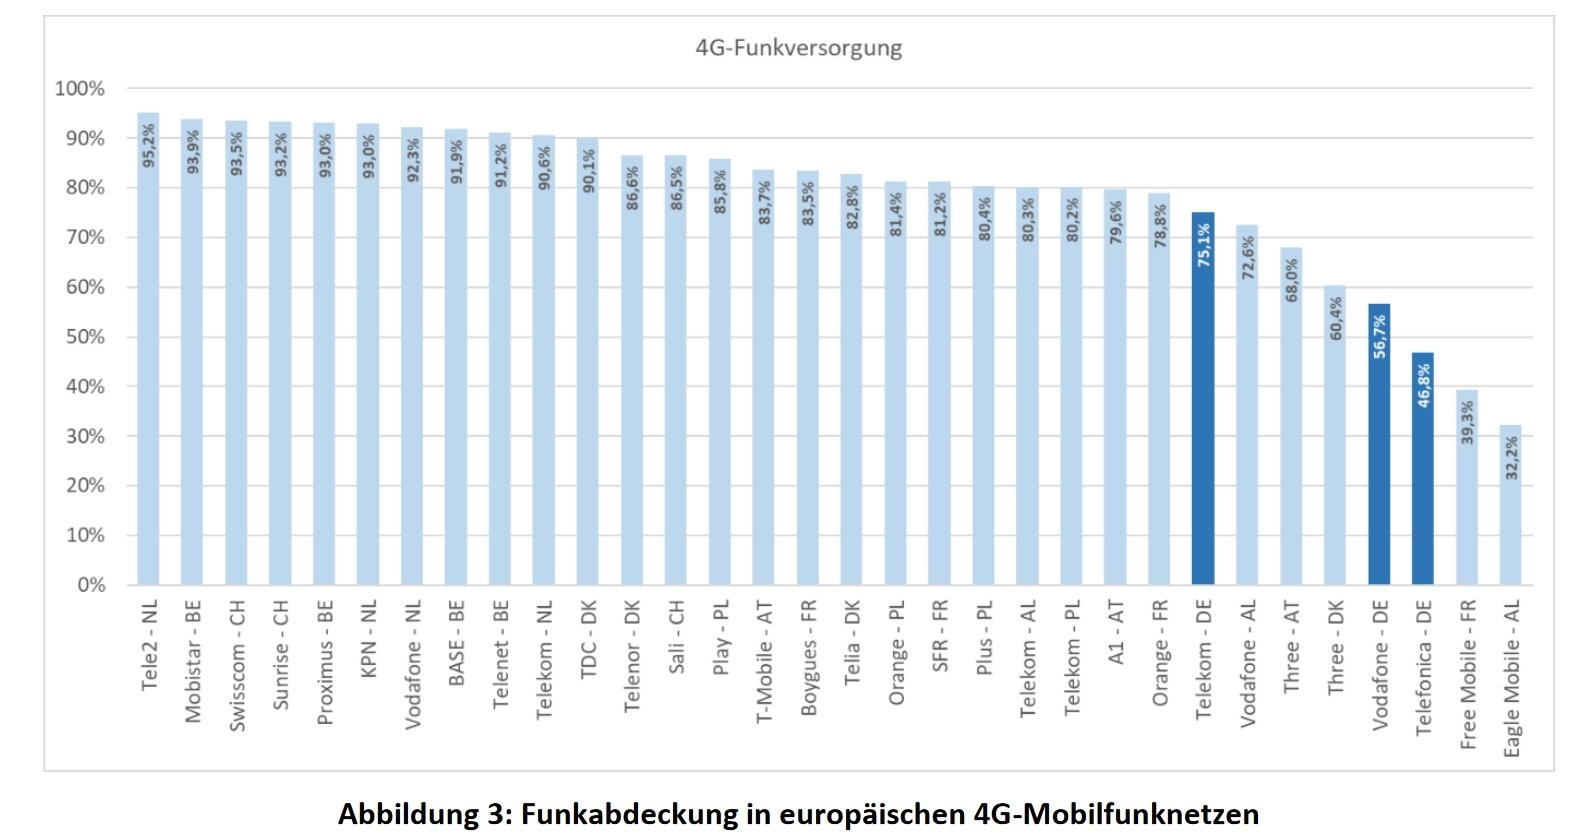 Deutsche Netzbetreiber bei LTE-Abdeckung weit hinten